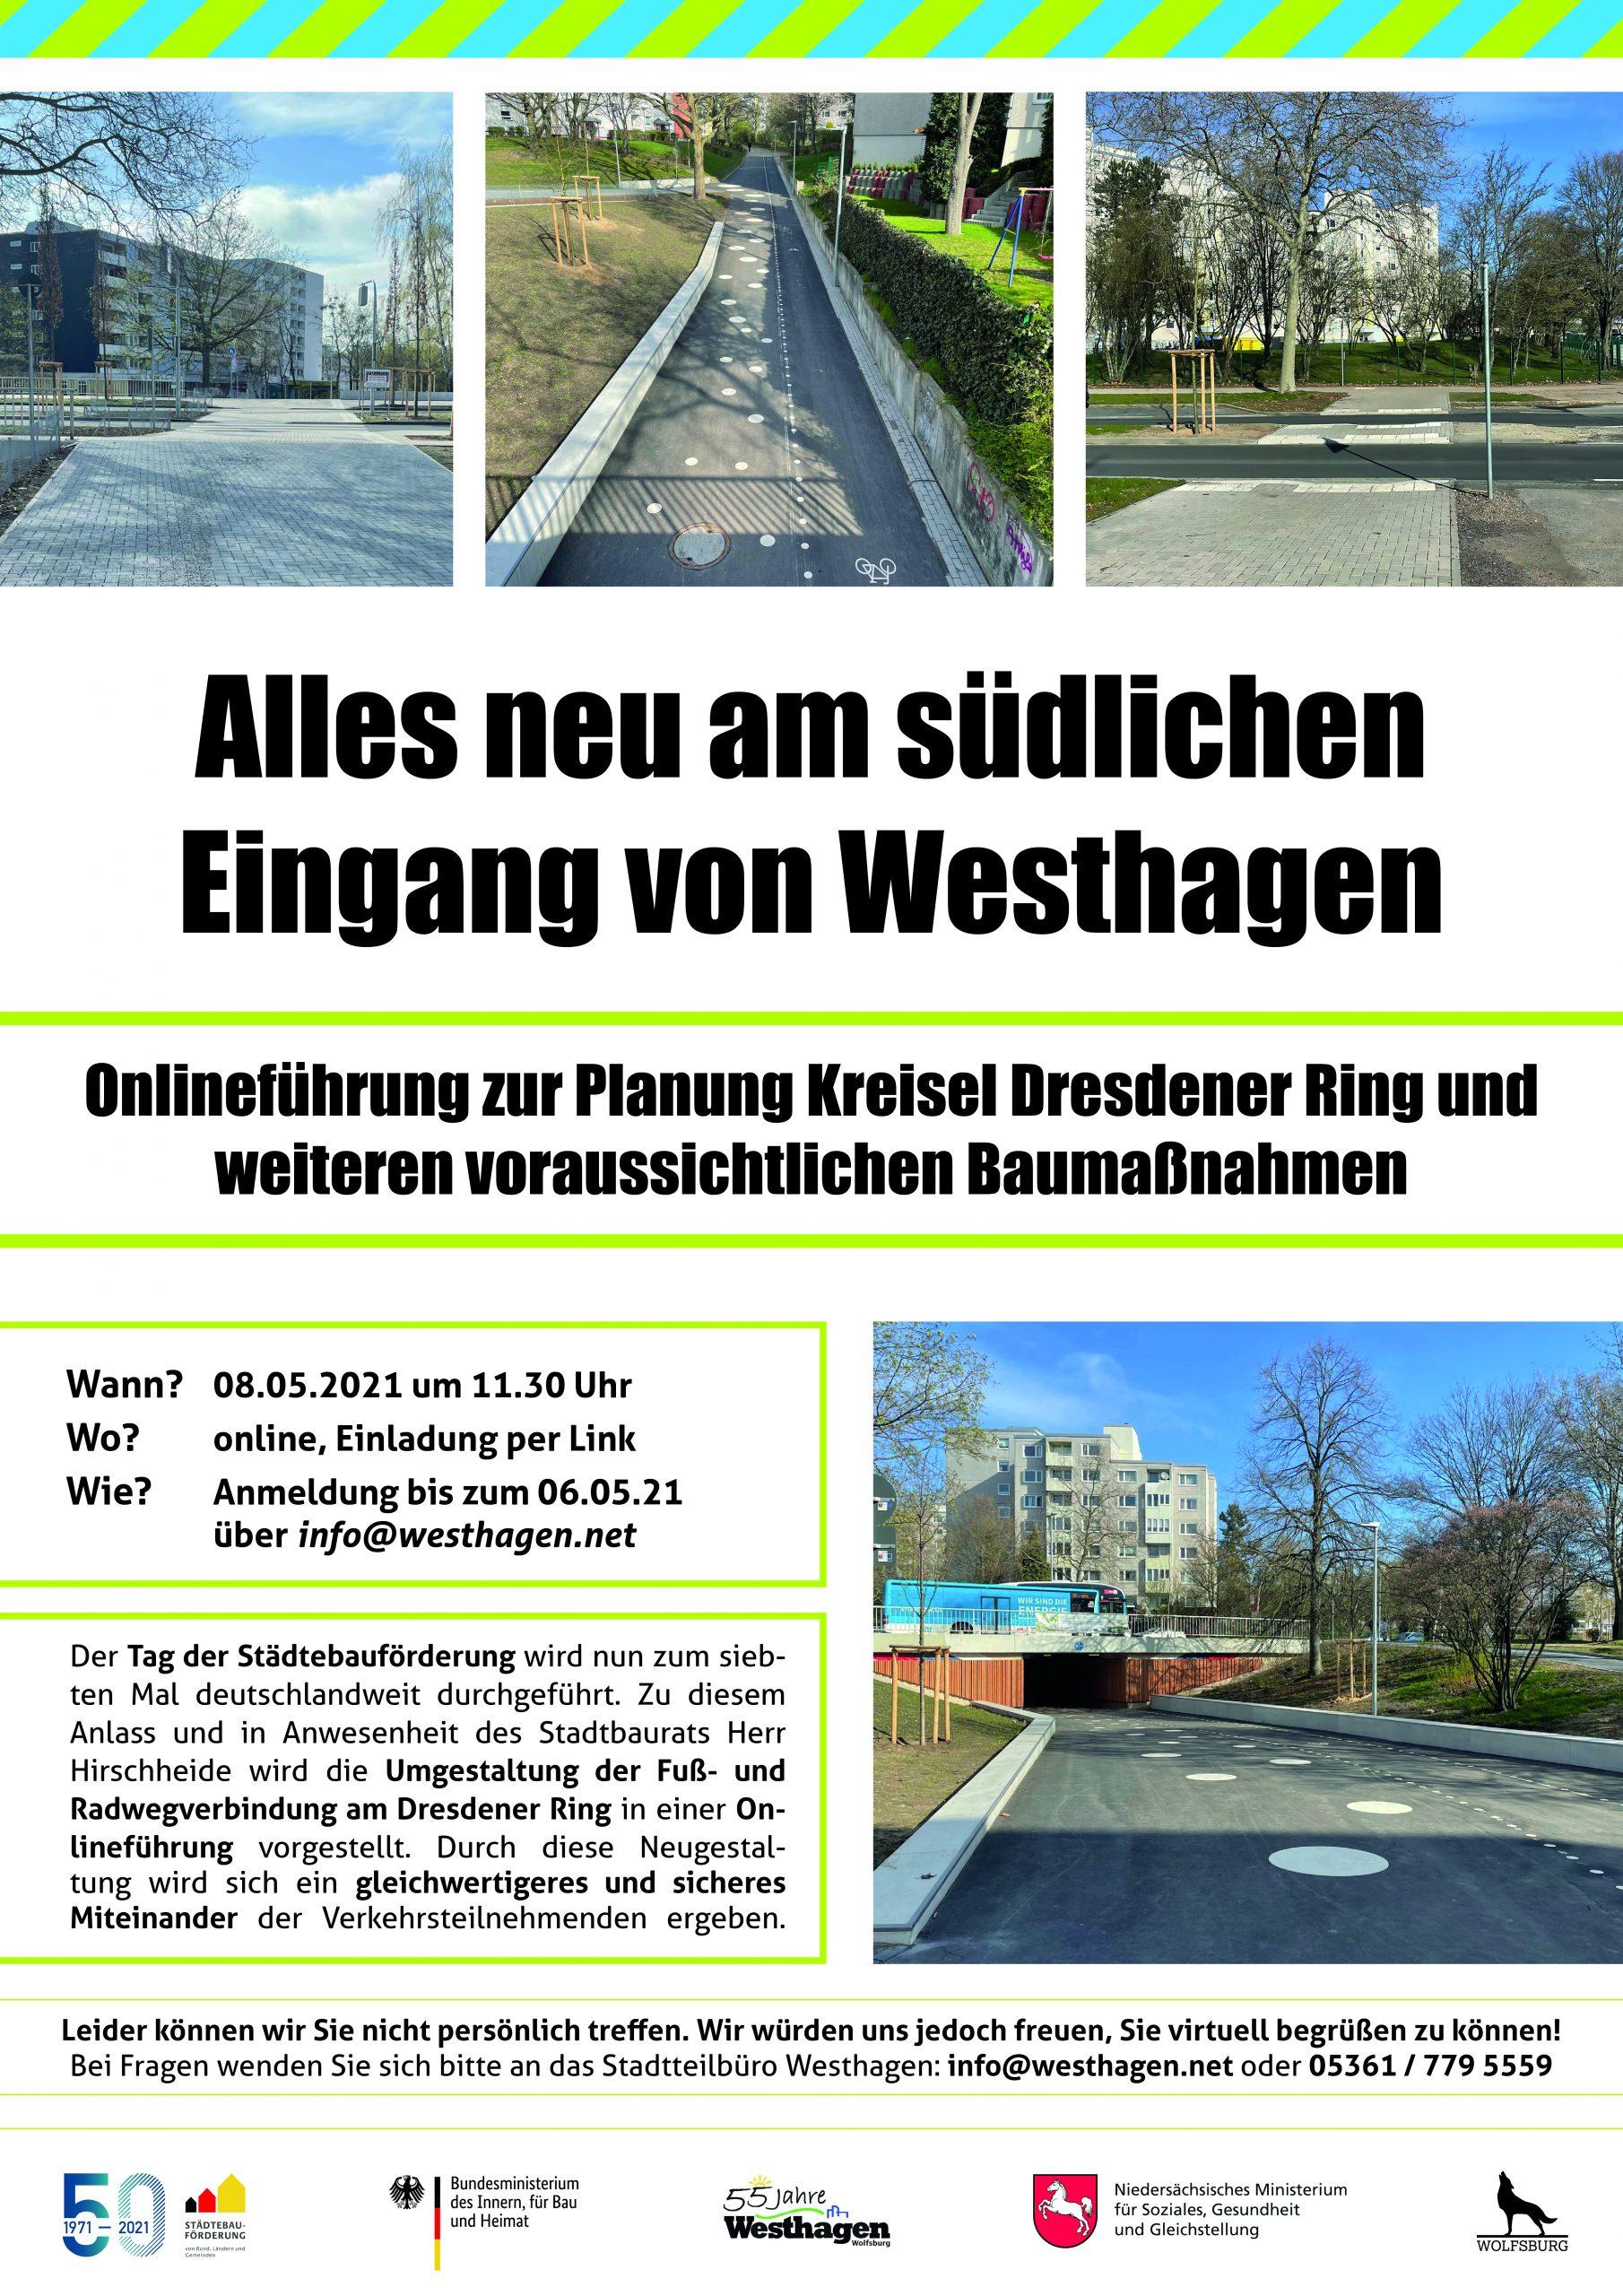 Tag der Städtebauförderung - am 8. Mai